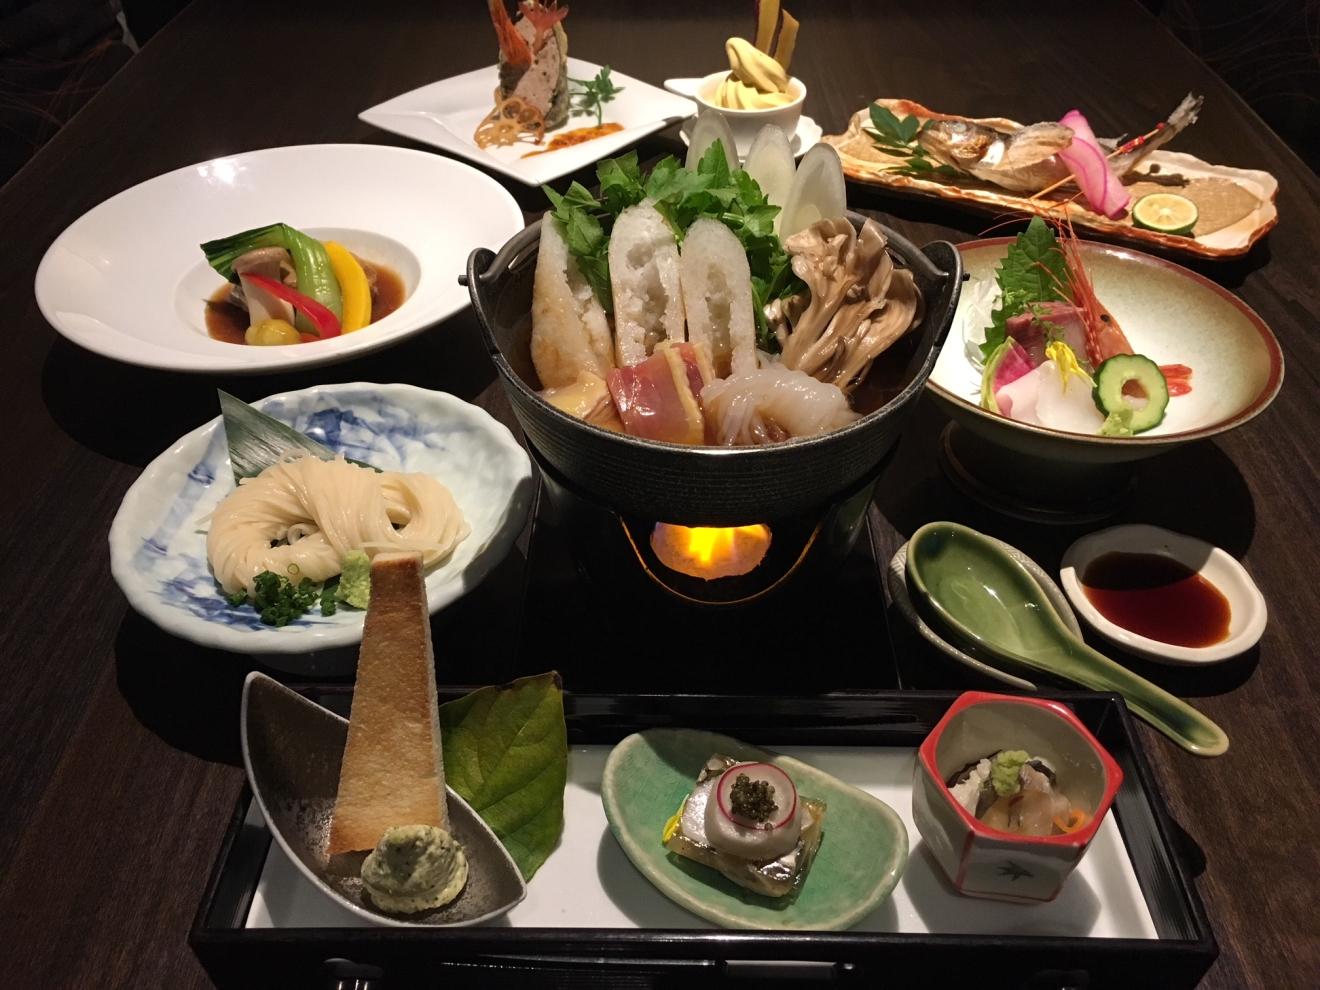 秋田の味を満喫♪きりたんぽプラン(朝食・夕食つき)